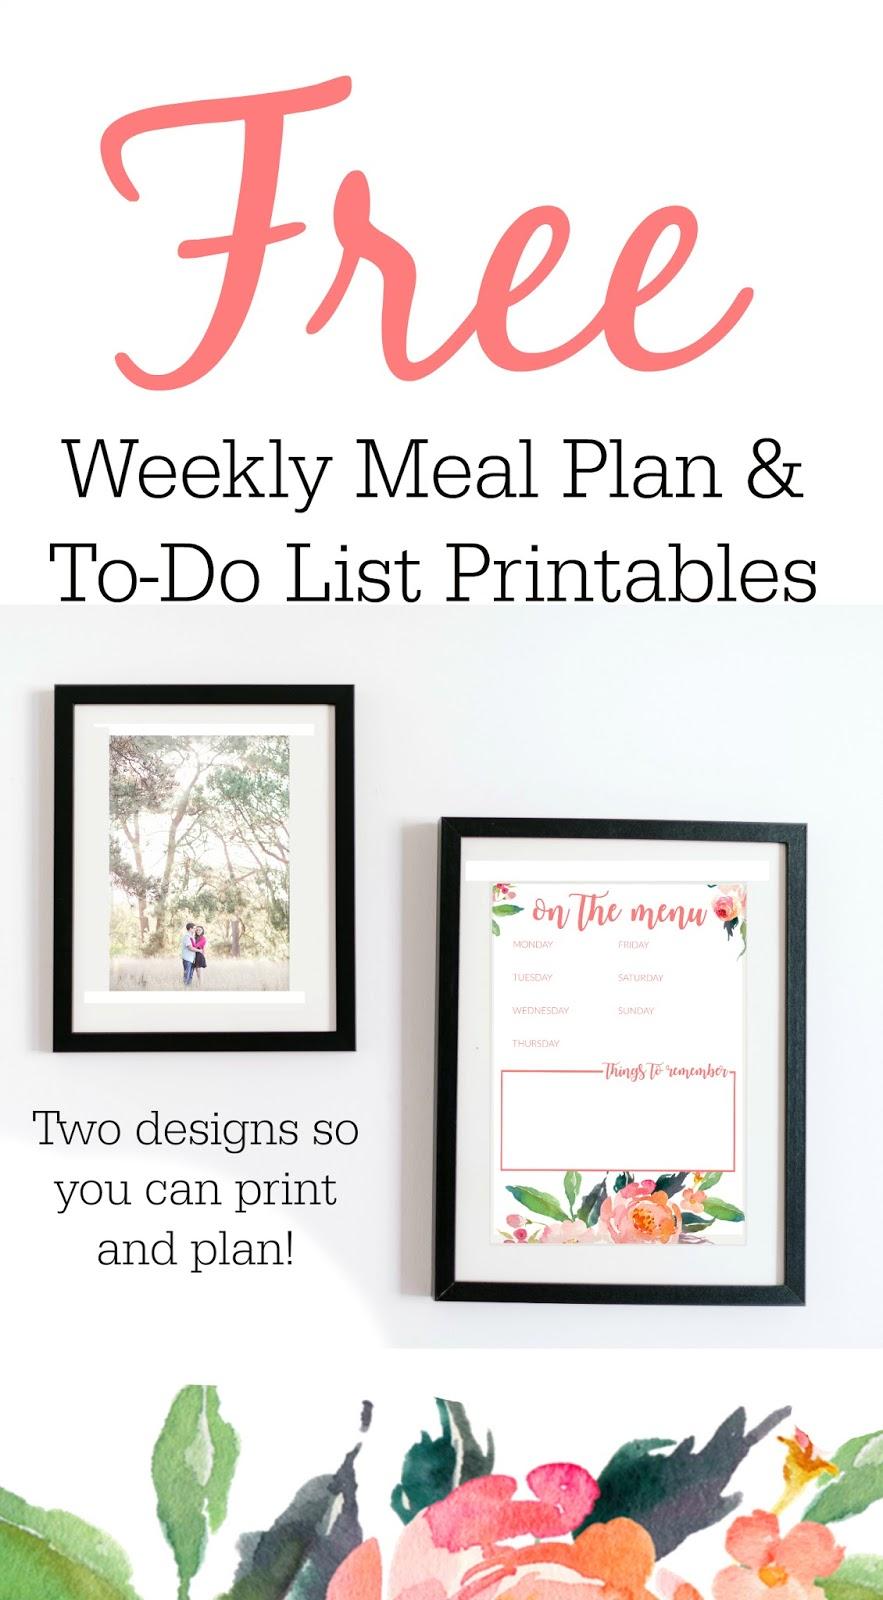 Week Meal Plan Template